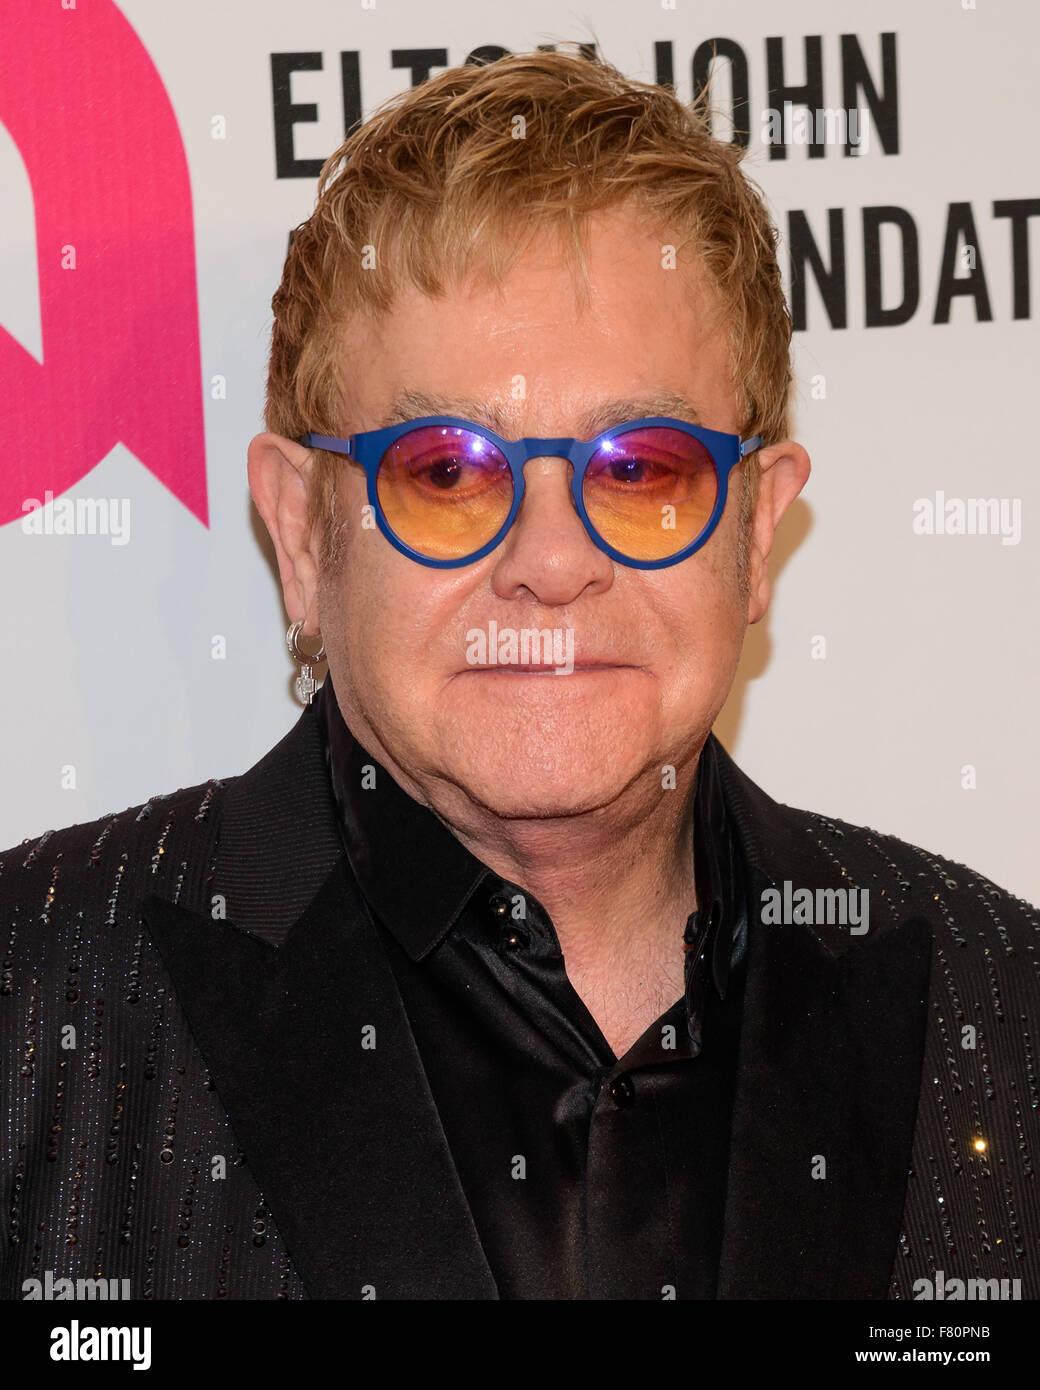 14Th Annual Elton John AIDS Foundation Une vision durable sur la prestation au Cipriani Wall St. avec Elton John: Banque D'Images